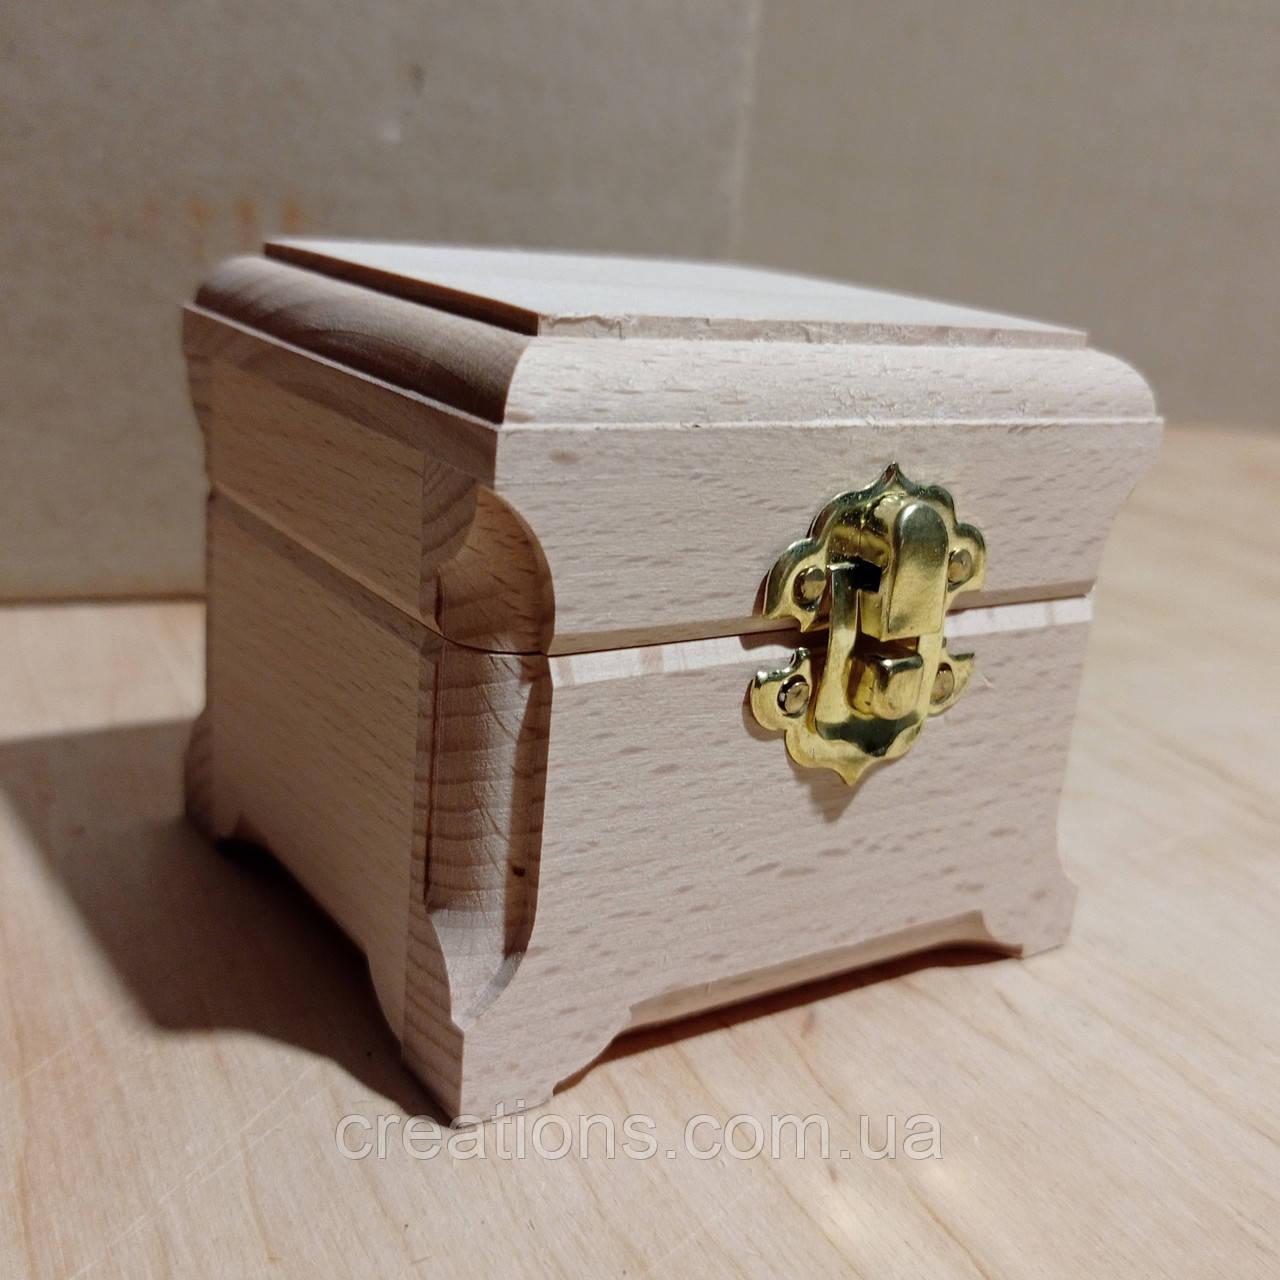 Дерев'яна заготовка для декупажу скринька 8х7.5х7 см з оксамитом